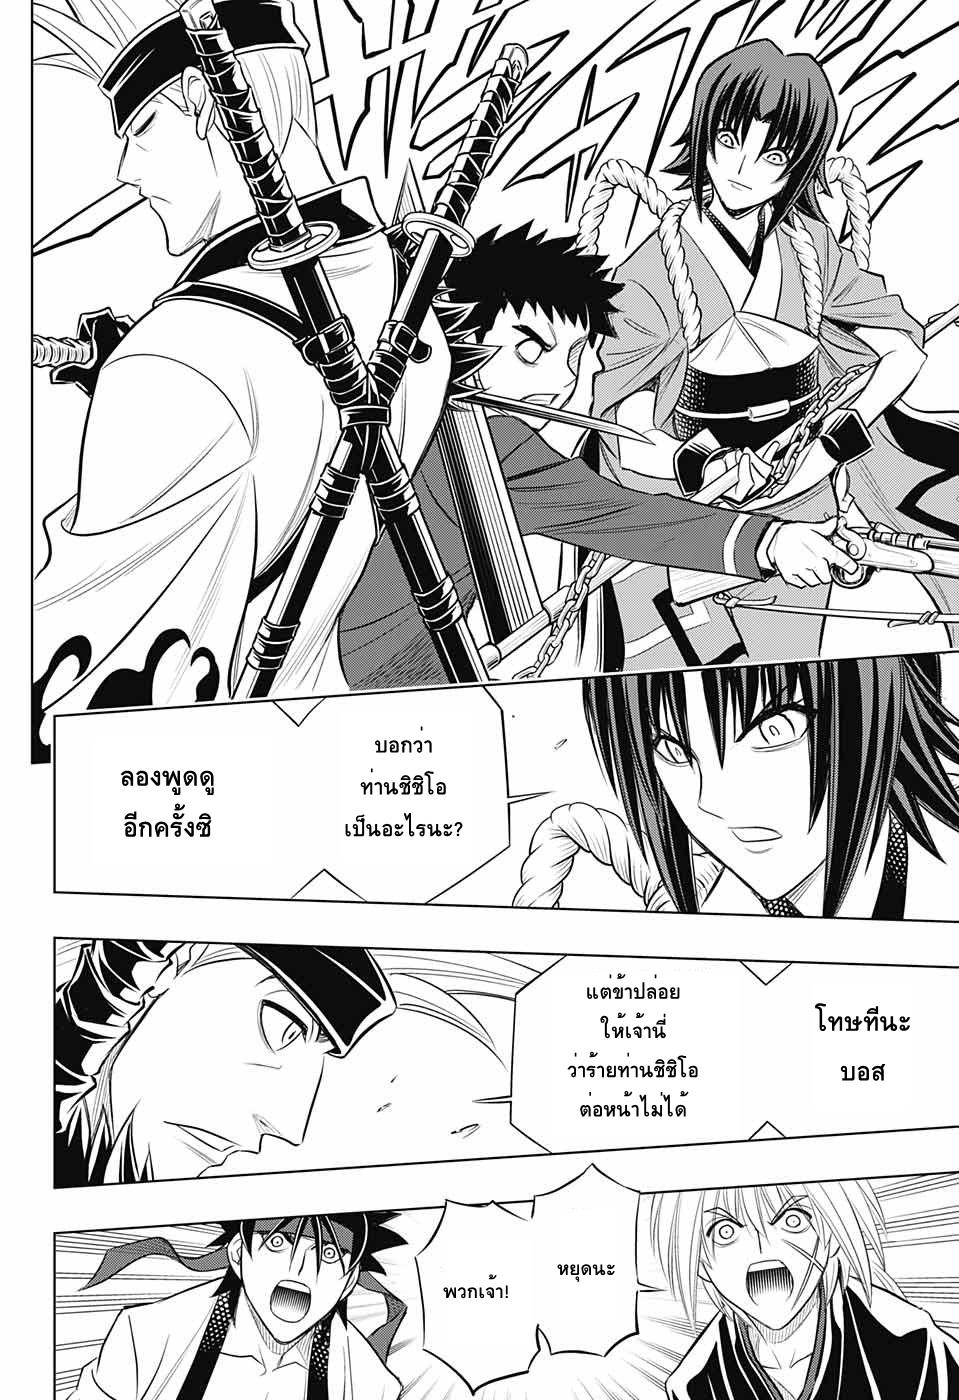 อ่านการ์ตูน Rurouni Kenshin: Hokkaido Arc ตอนที่ 16 หน้าที่ 16